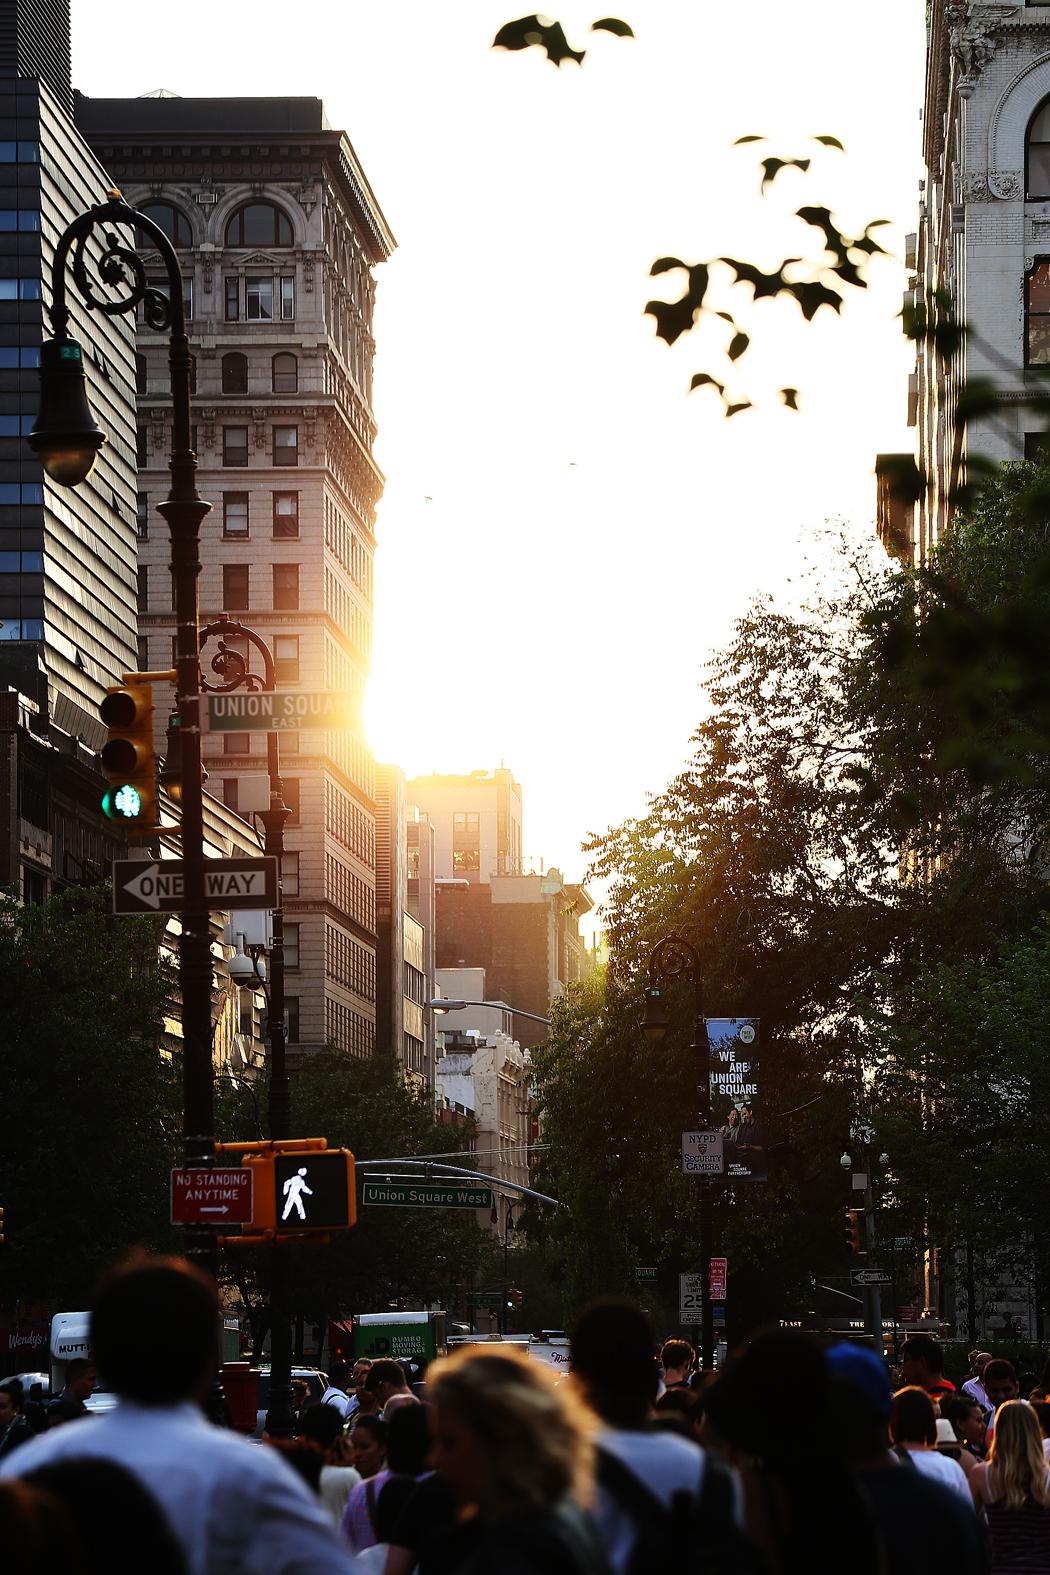 Solen – där är den! Inte ofta vi ser den mellan de här höga husen.